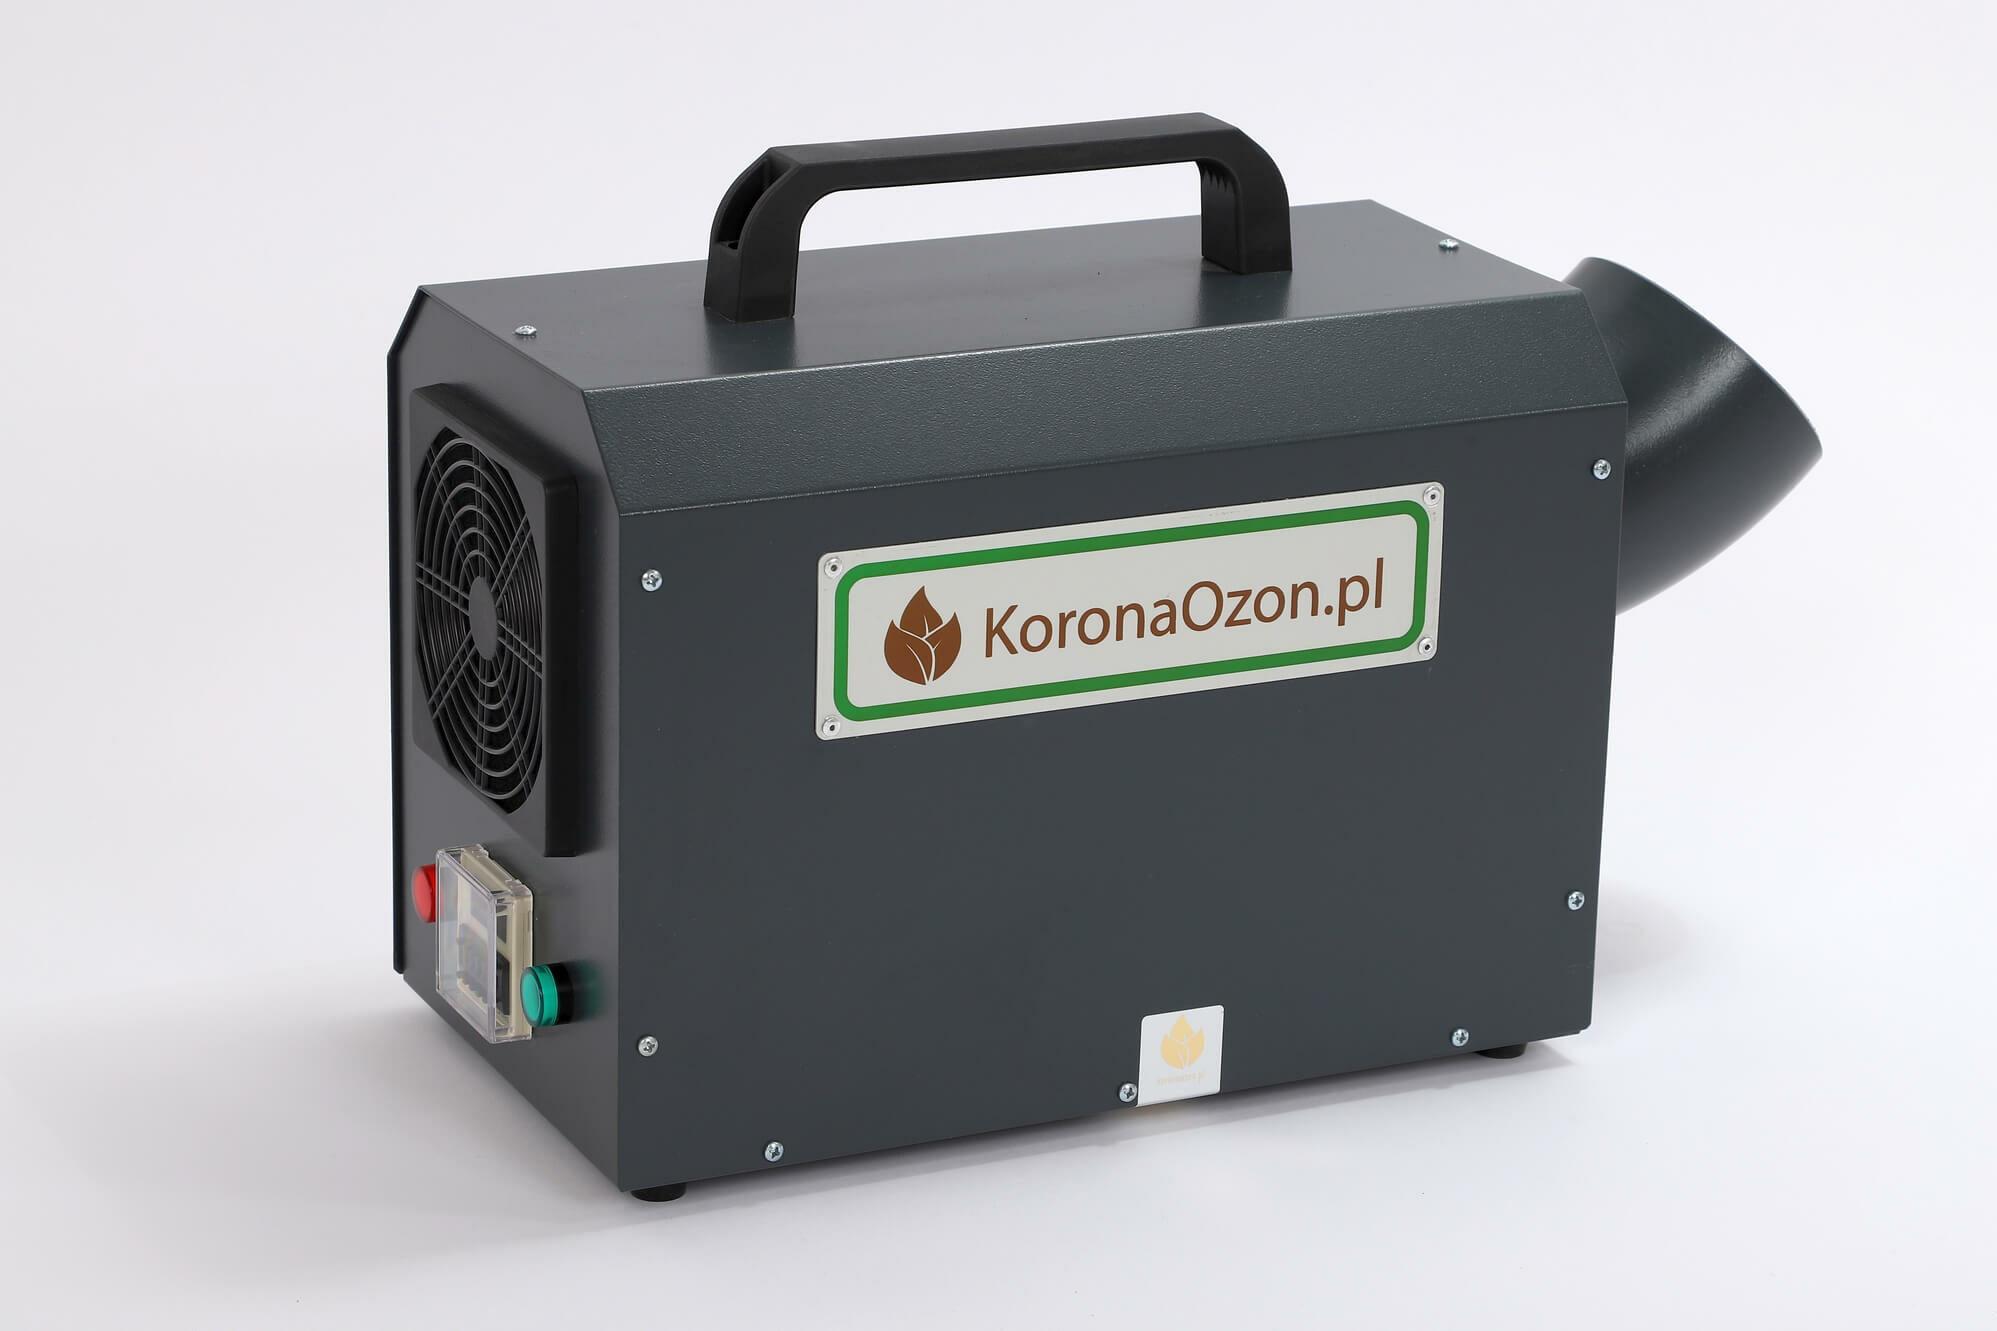 Generator ozonu Korona A 20 Zdrowy Dom – najchętniej kupowany ozonator powietrza produkowany przez firmę KoronaOzon